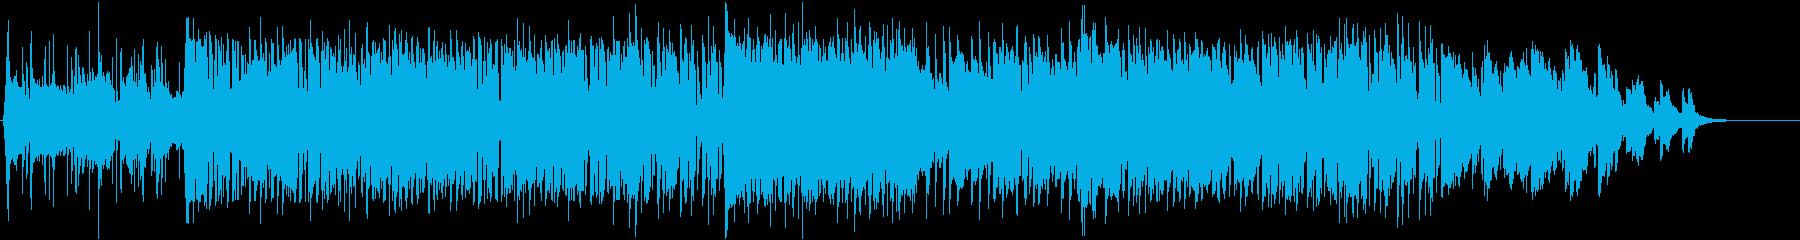 ★ 炎の洞窟(インド風) カレー屋 の再生済みの波形